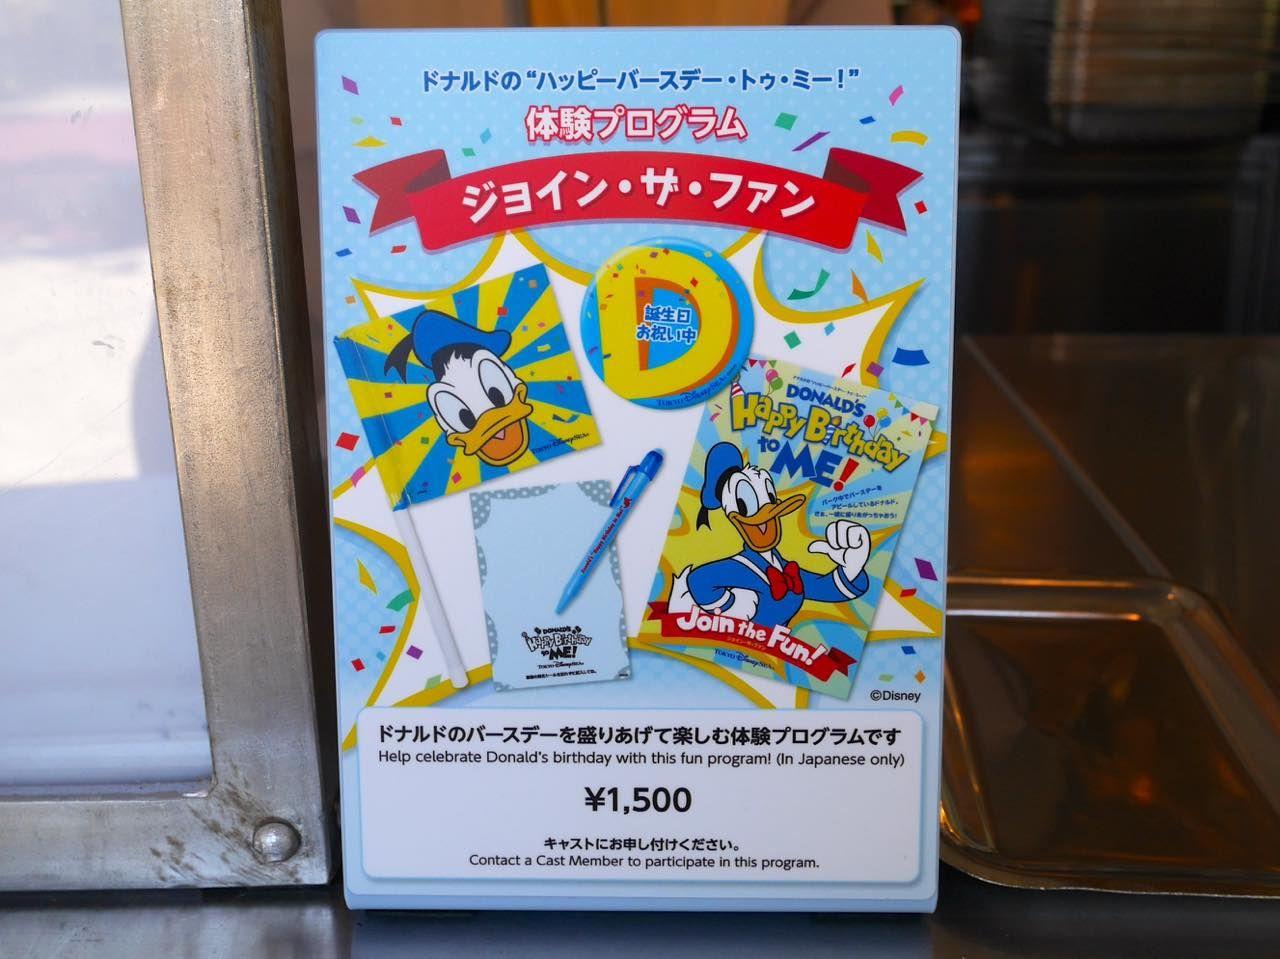 ドナルドの誕生日を祝おう!東京ディズニーリゾート初の特別プログラム